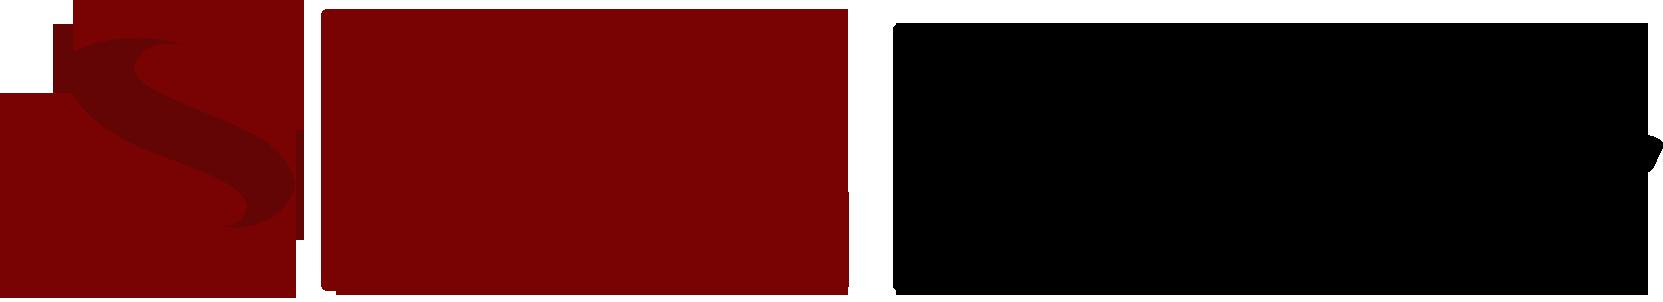 Shenpoker-Logo-black